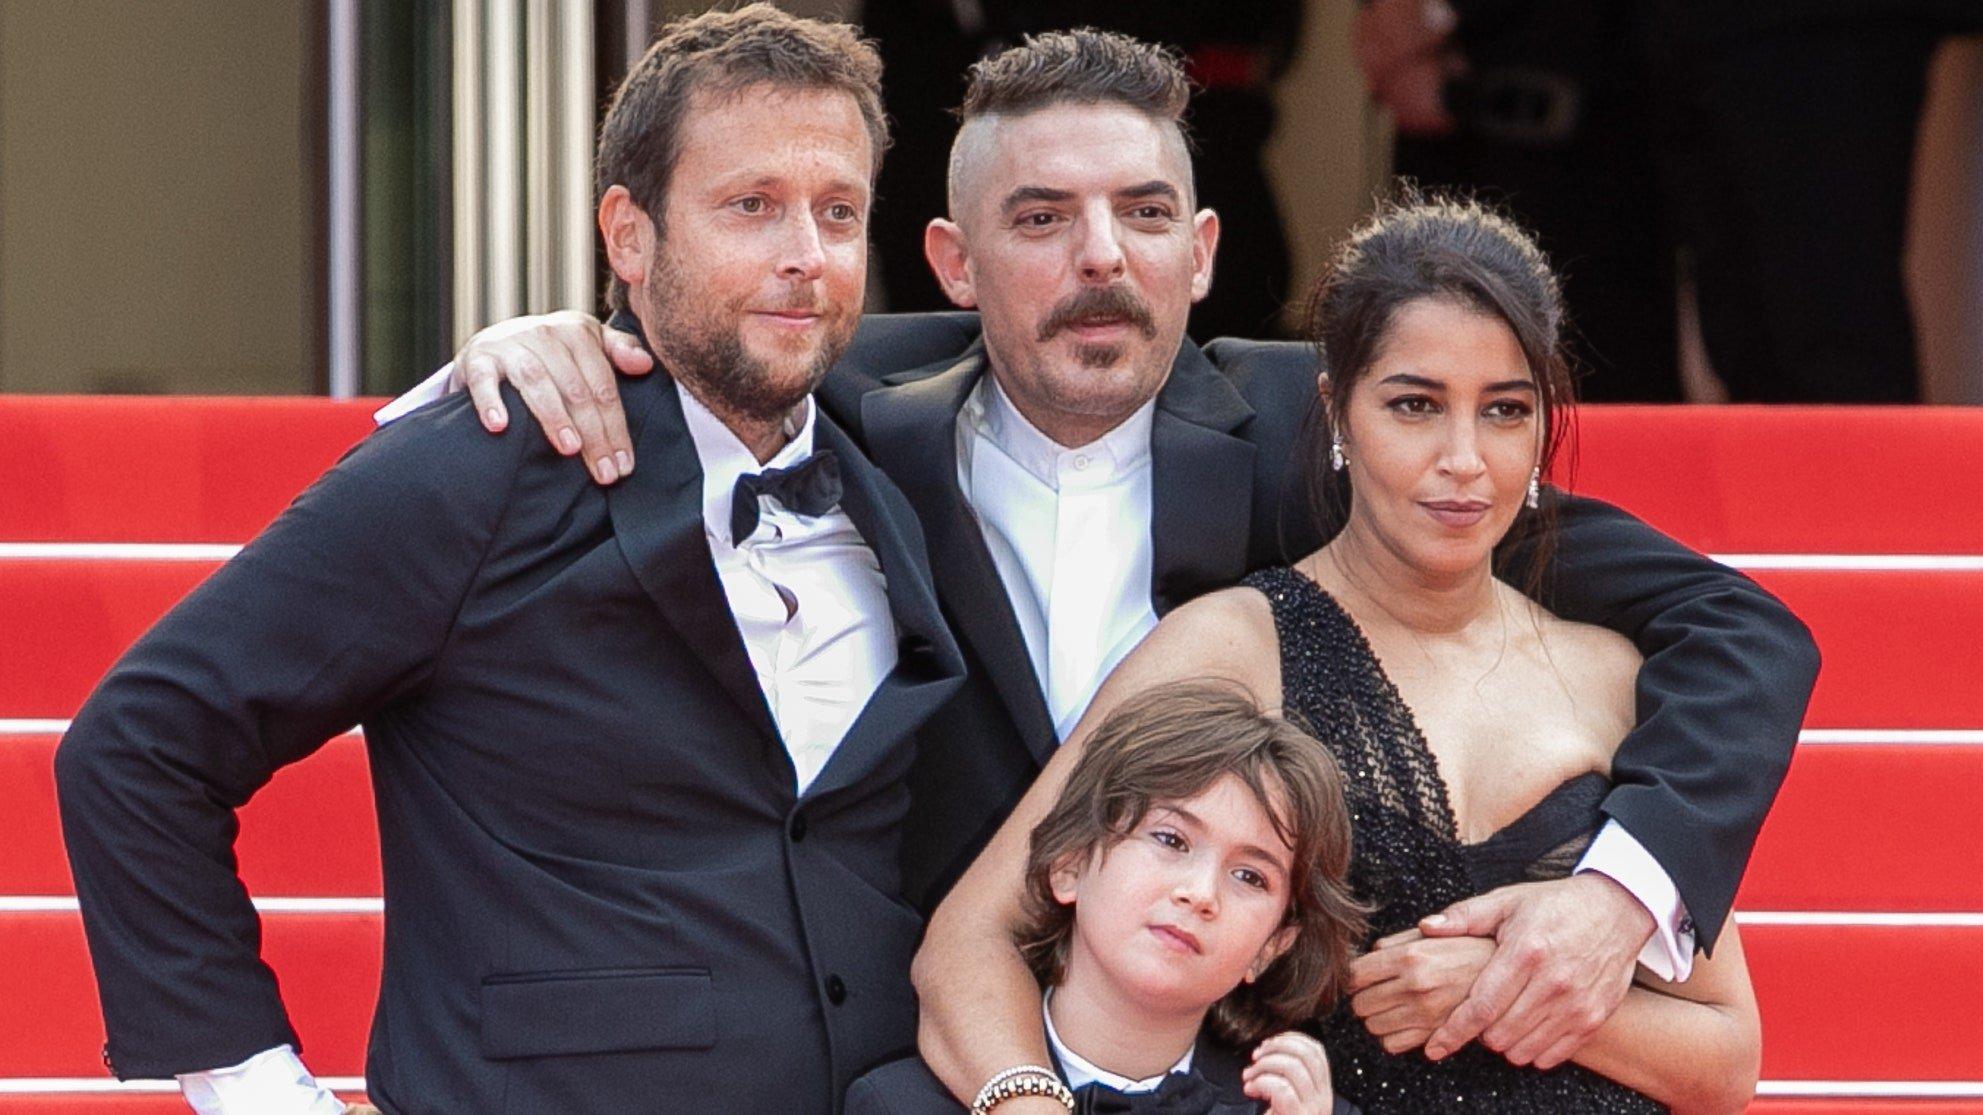 Festival de Cannes 2021 : Leïla Bekhti et Damien Bonnard sur le tapis rouges des Intranquilles